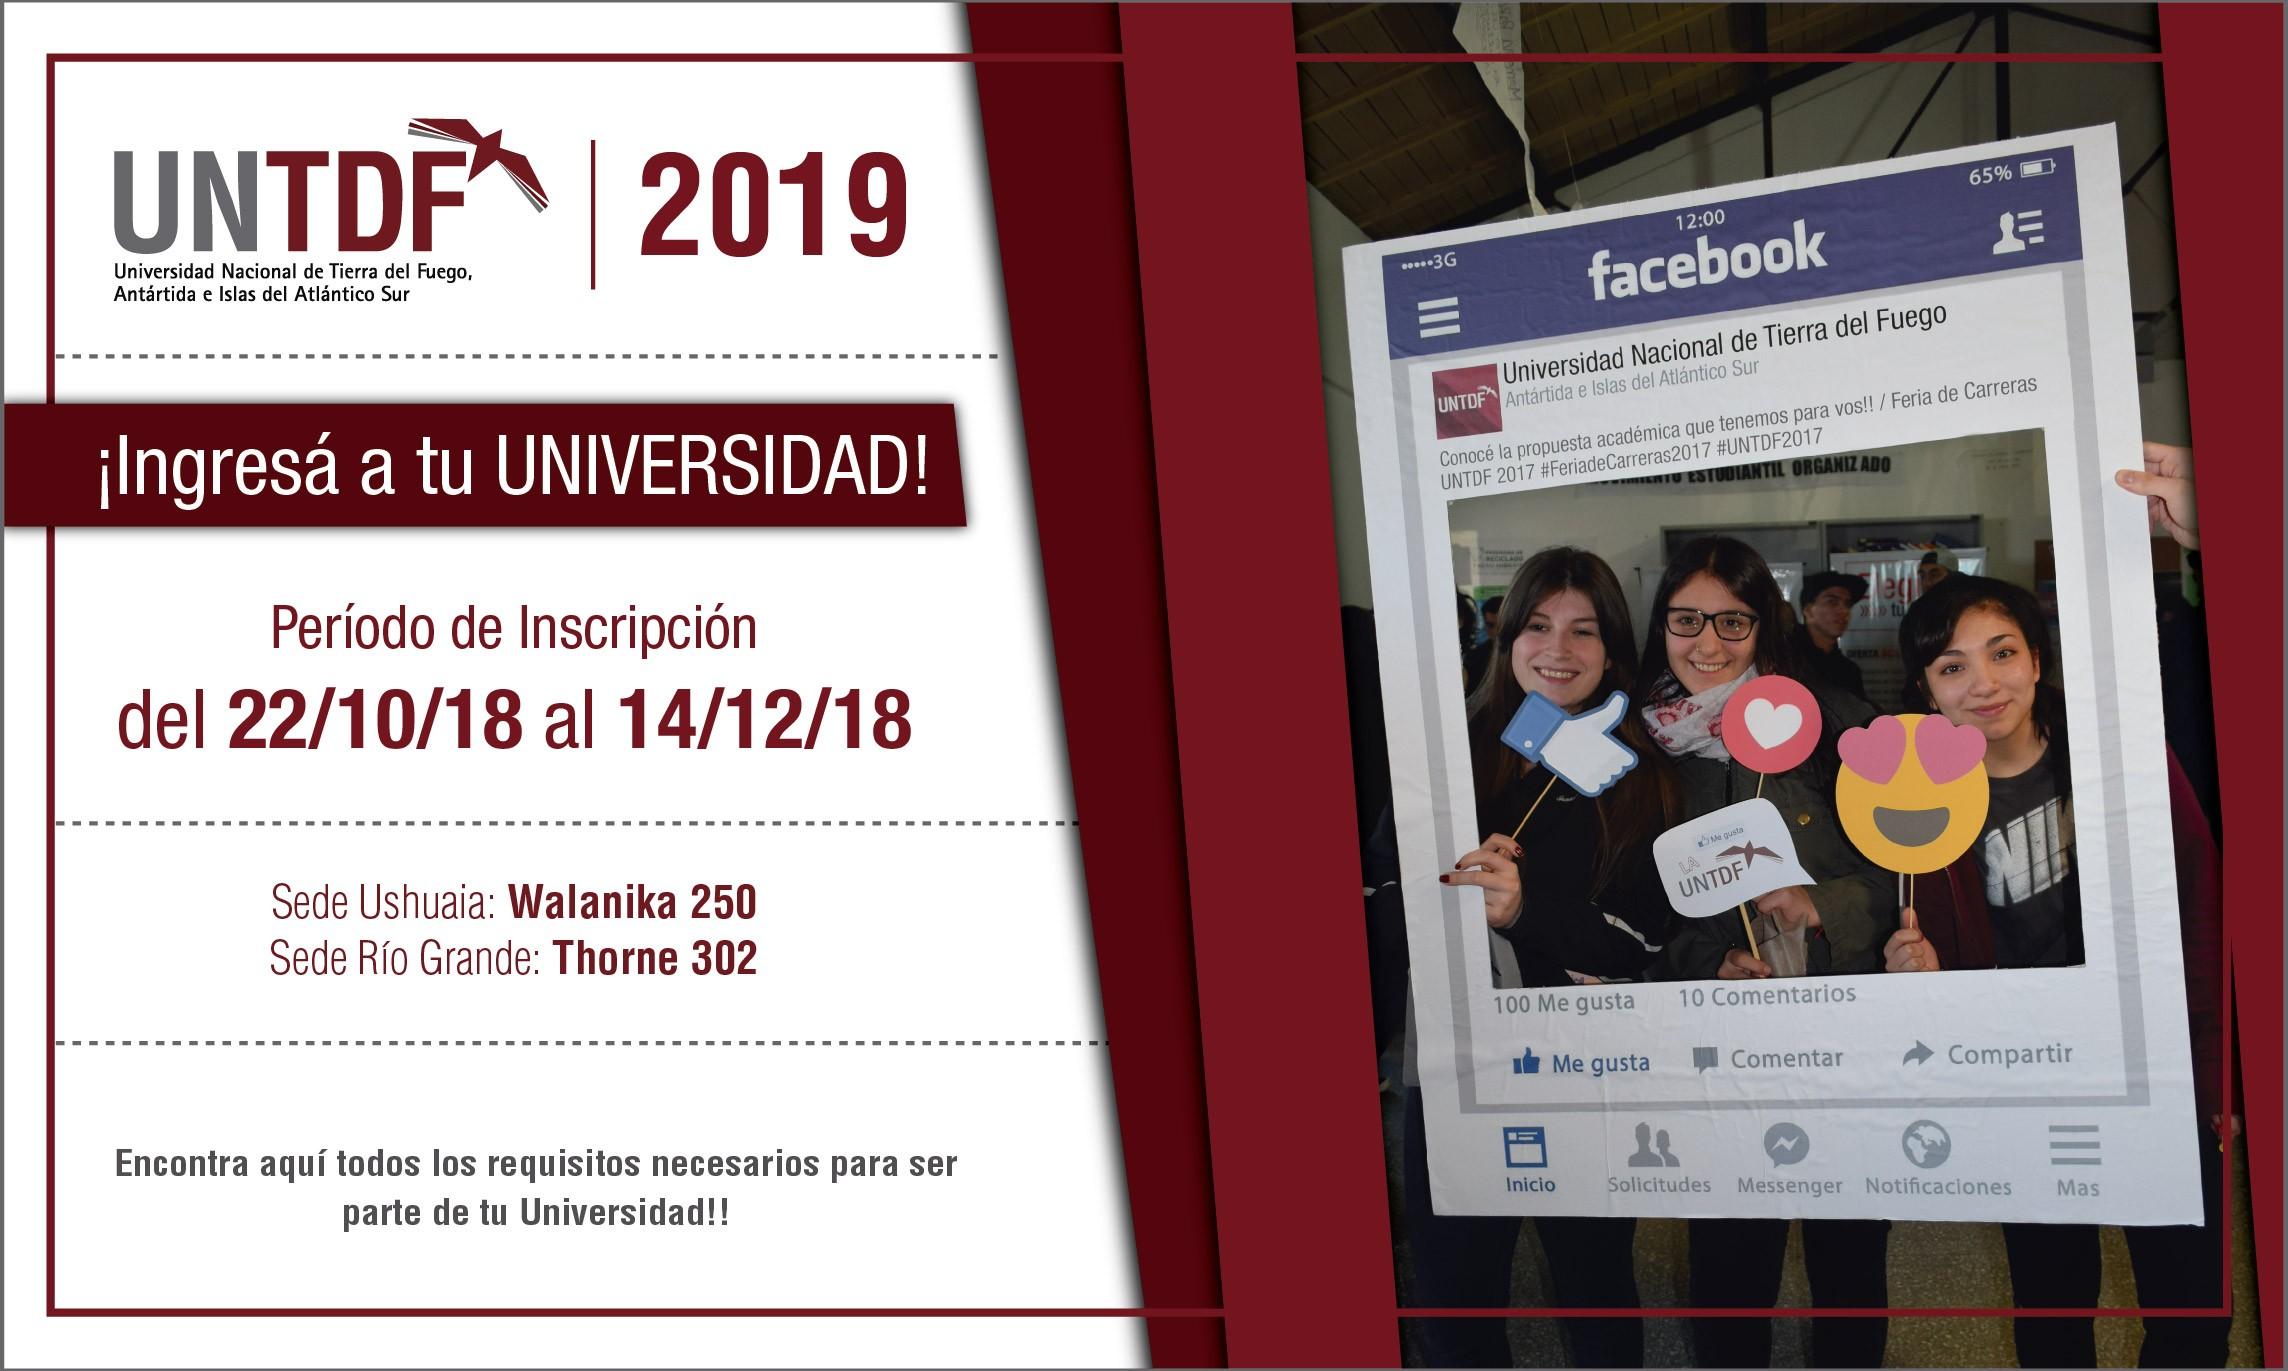 Calendario 2019 Argentina Oficial Para Imprimir Más Recientes Universidad Nacional De Tierra Del Fuego Of Calendario 2019 Argentina Oficial Para Imprimir Más Reciente Fotoleones